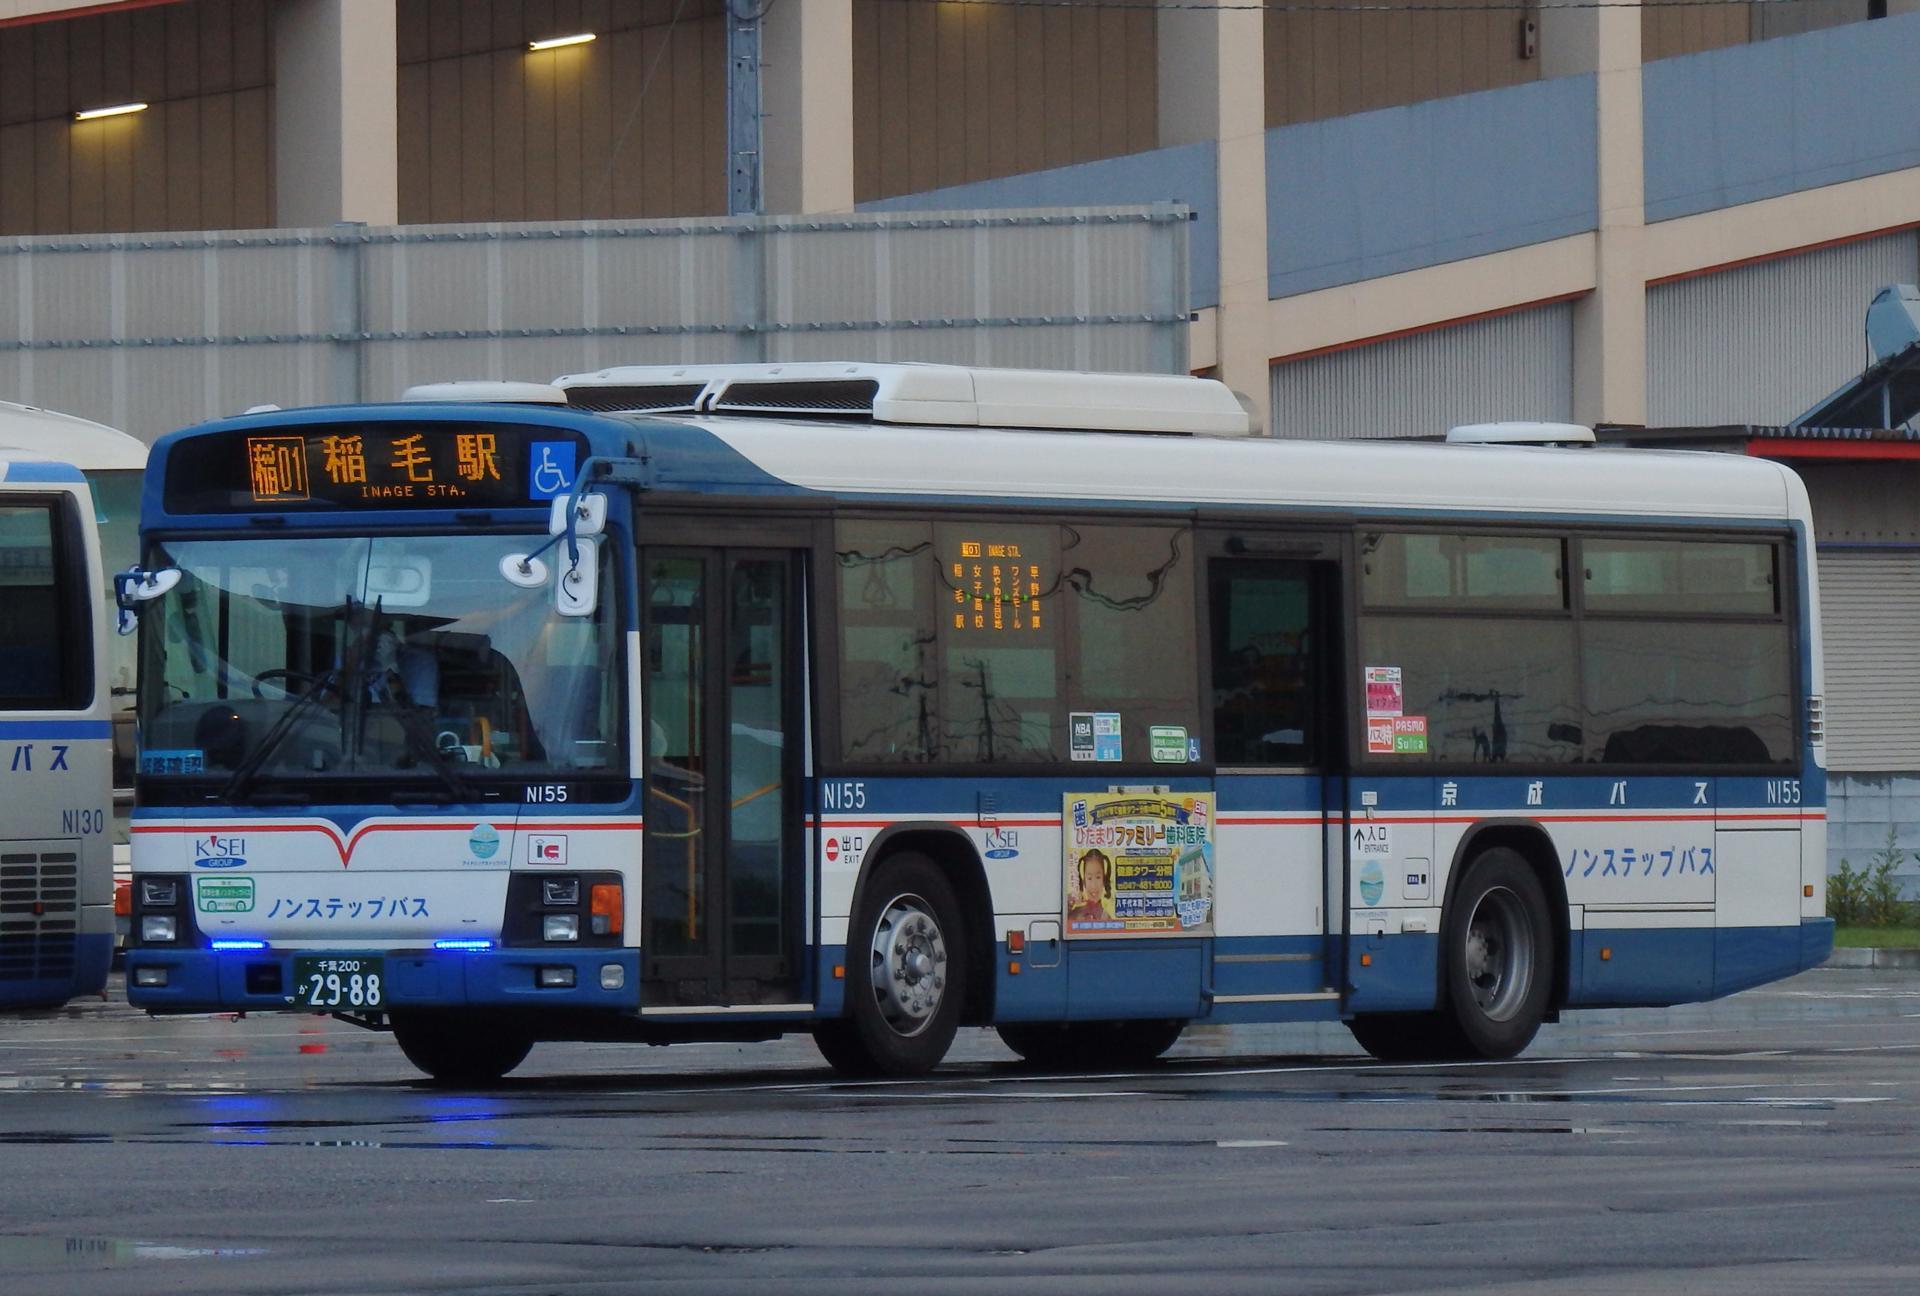 N155 - 京成バス長沼営業所車両...